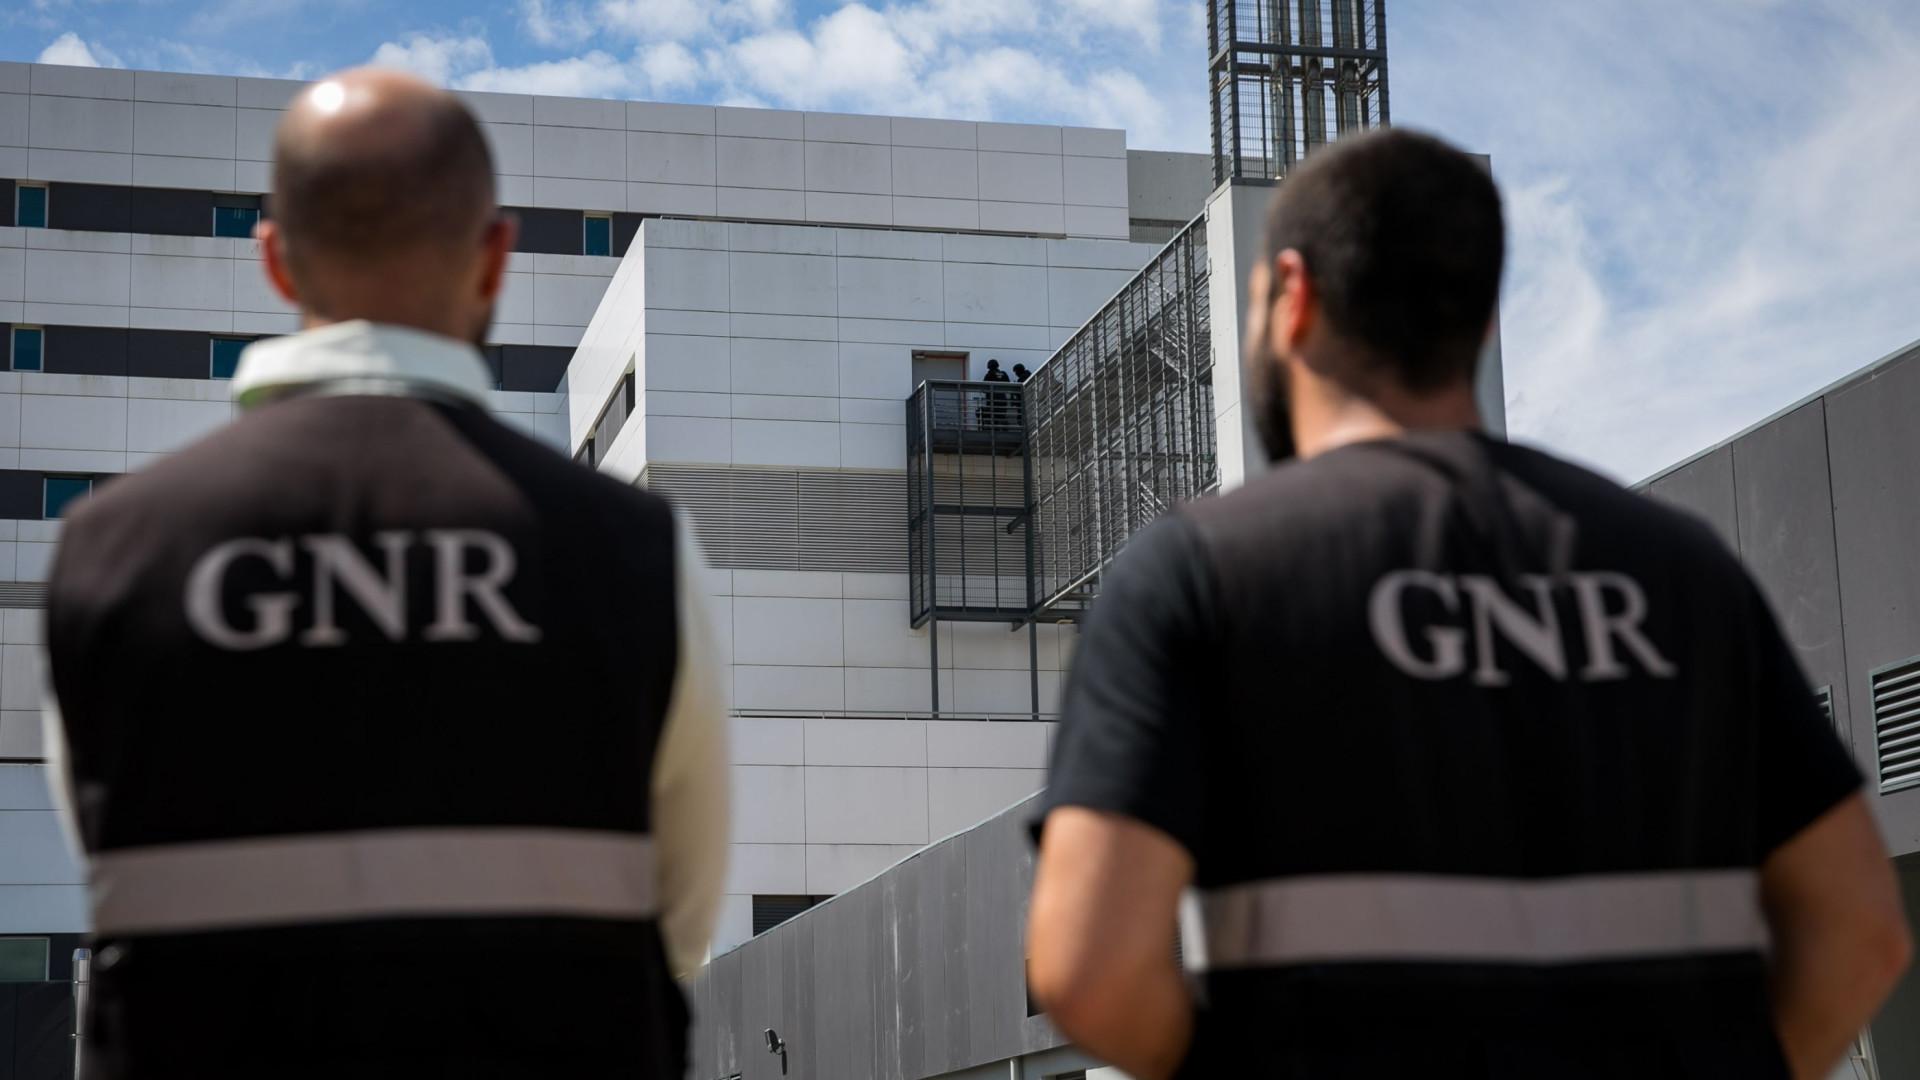 Detido por violência doméstica e posse ilegal de armas em Castelo Branco